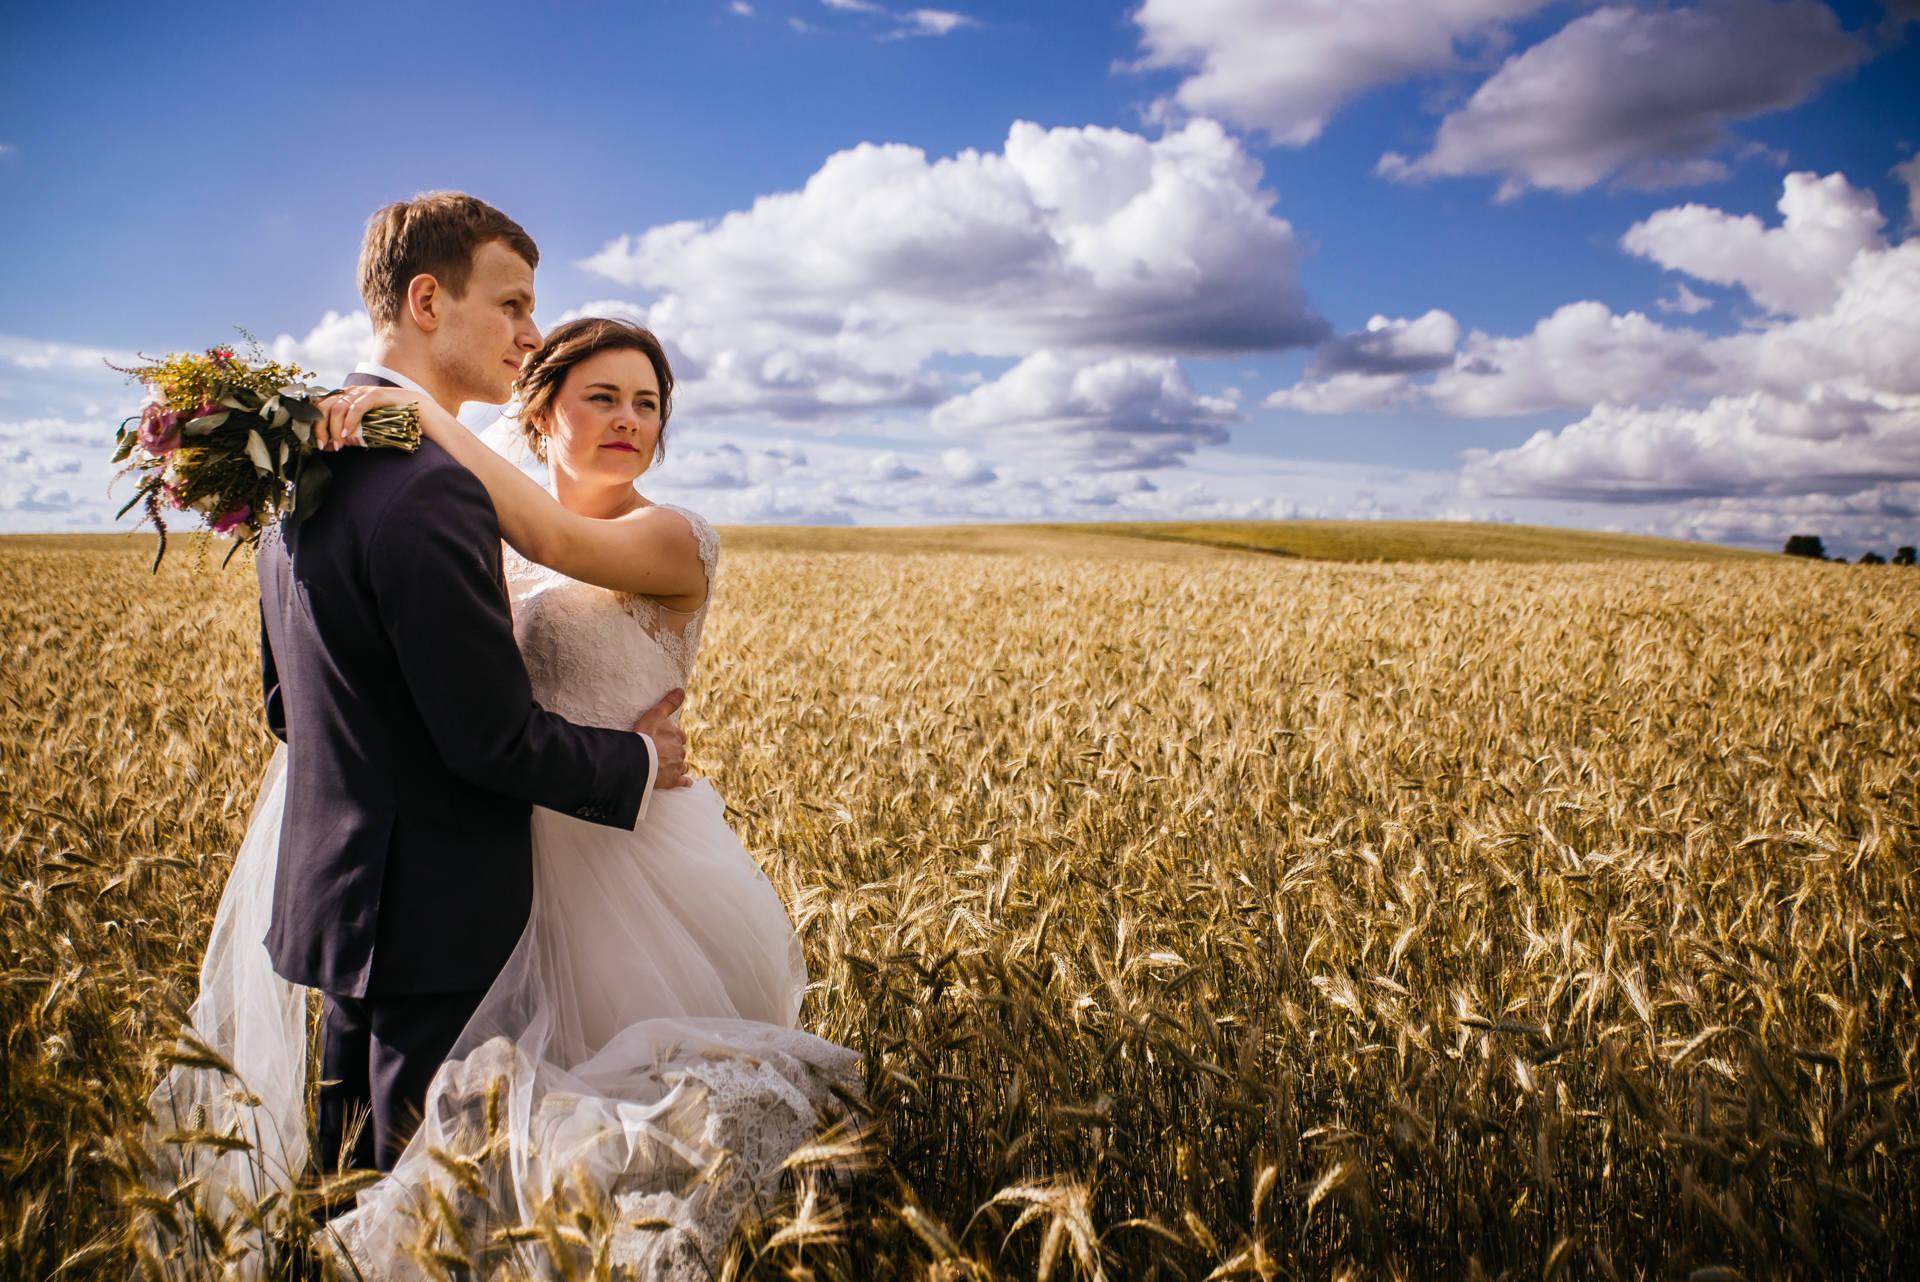 sesja ślubna w Borach tucholskich - zdjęcia na łonie natury